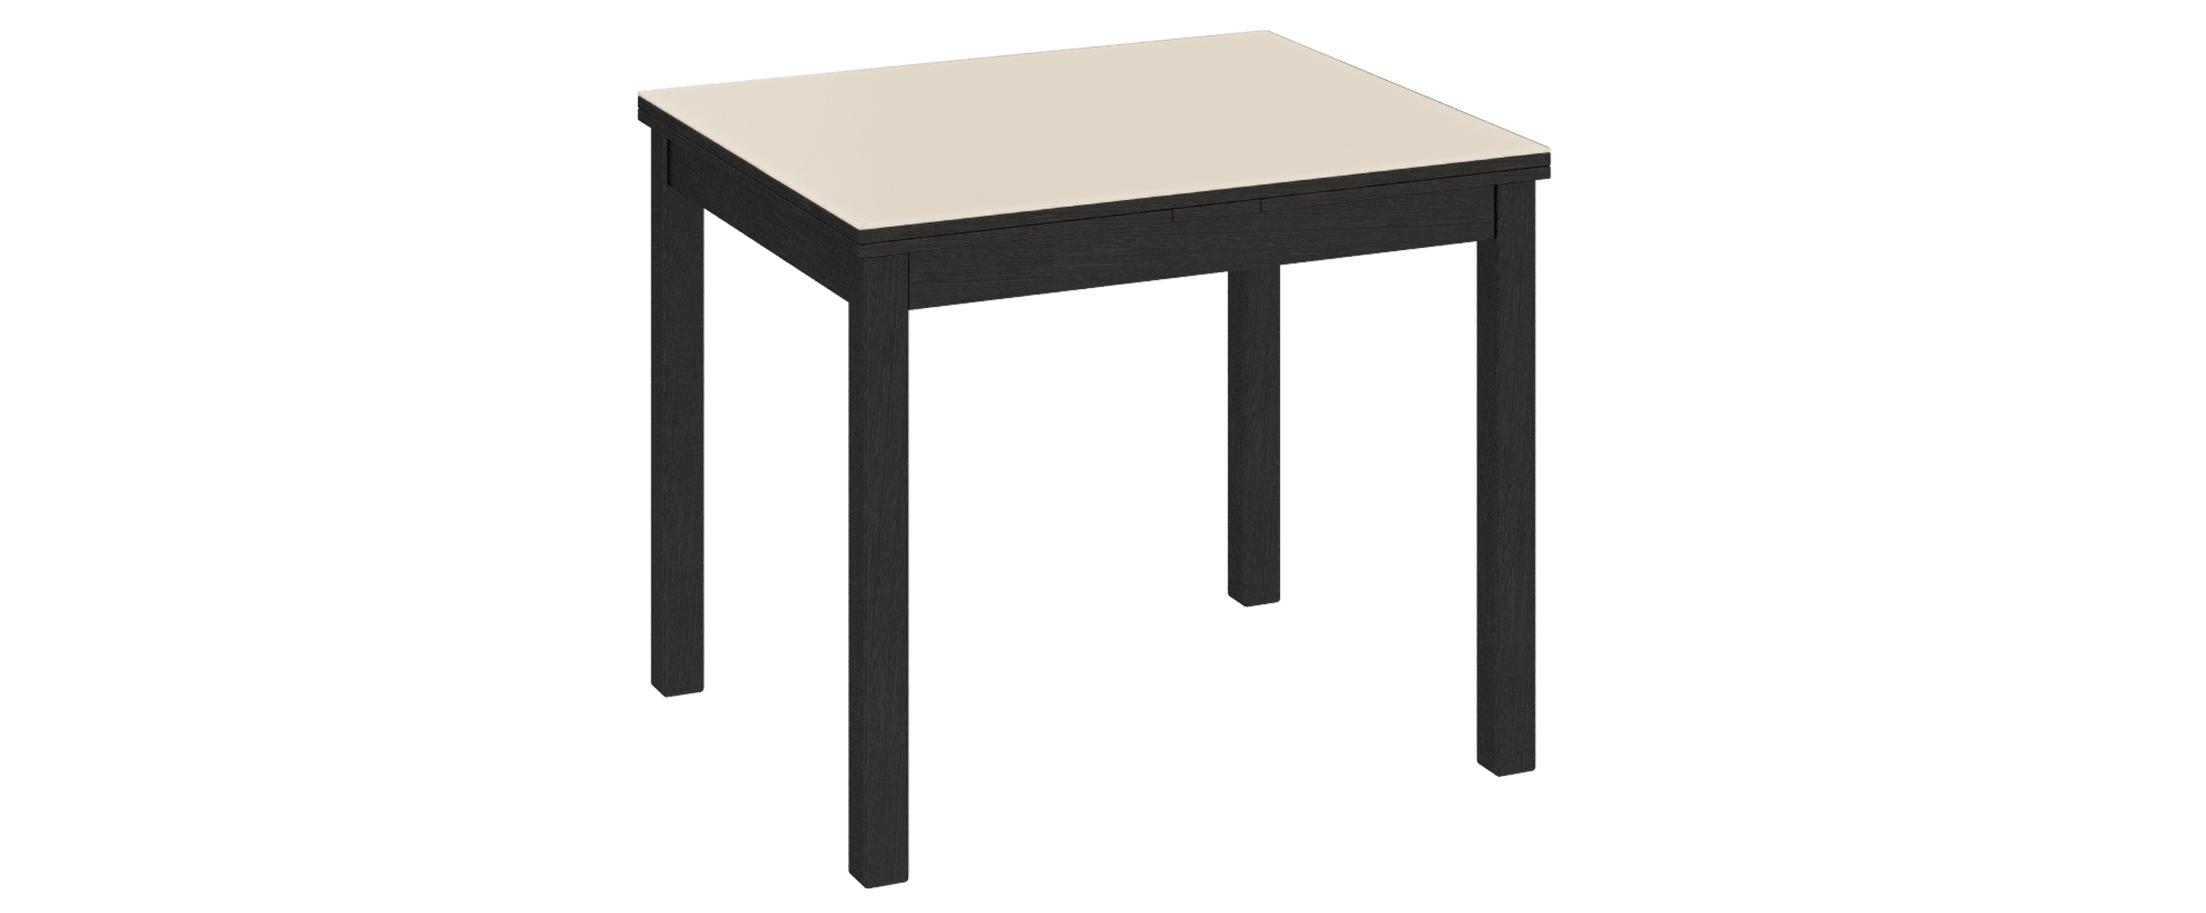 Стол обеденный Диез Т5 Модель 3038